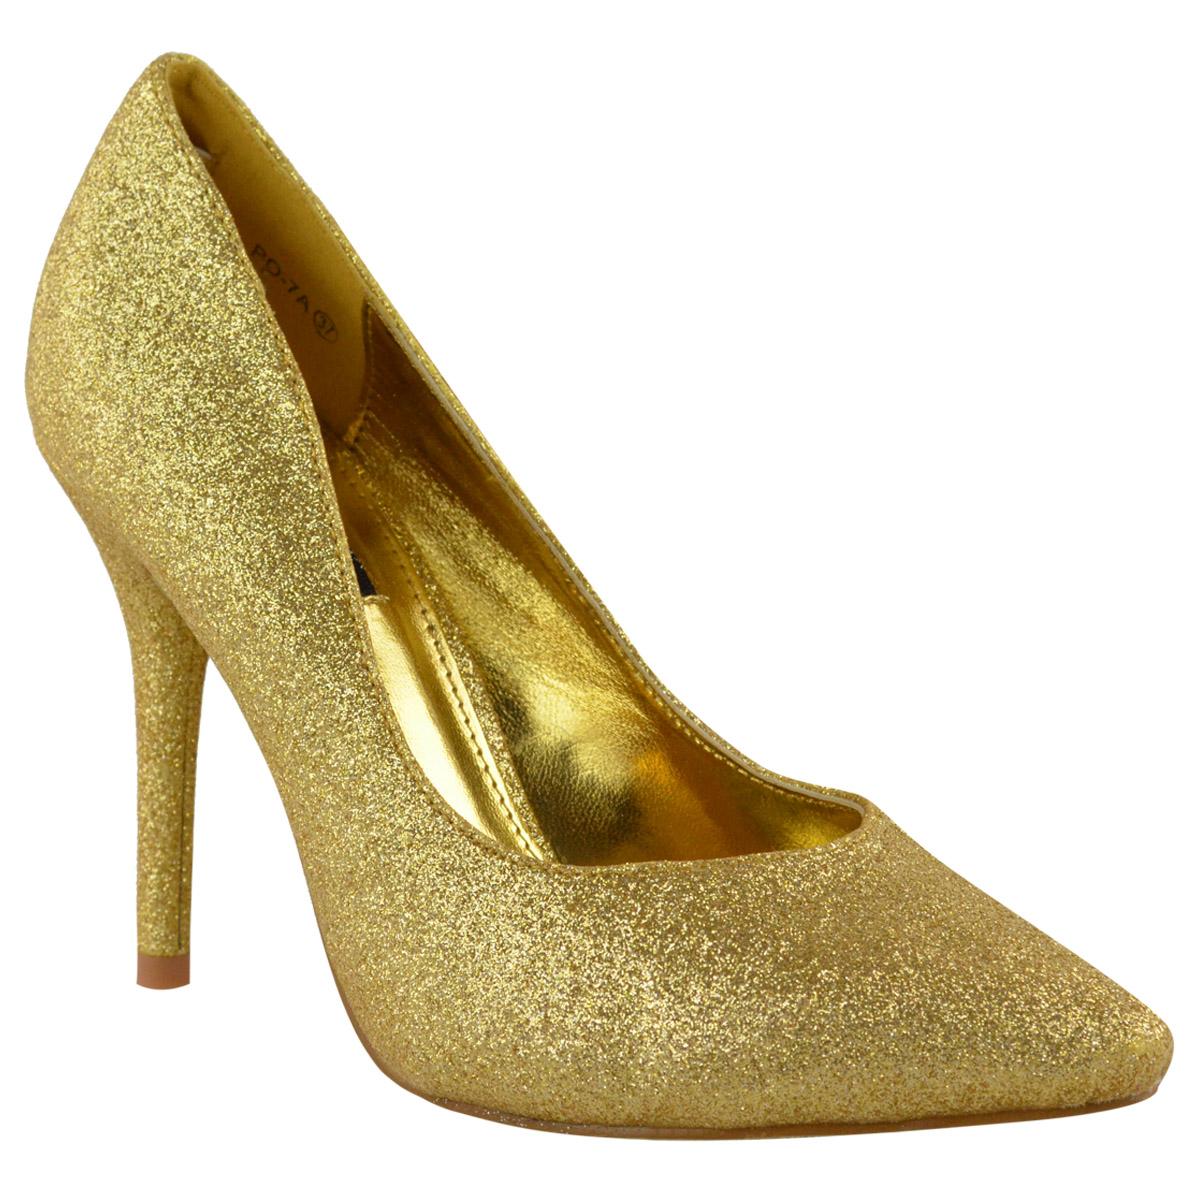 Y Clásicos Tacón Zapatos Para Medio Fiesta Mujer Pedrería Boda wXq84dd 9af454787349